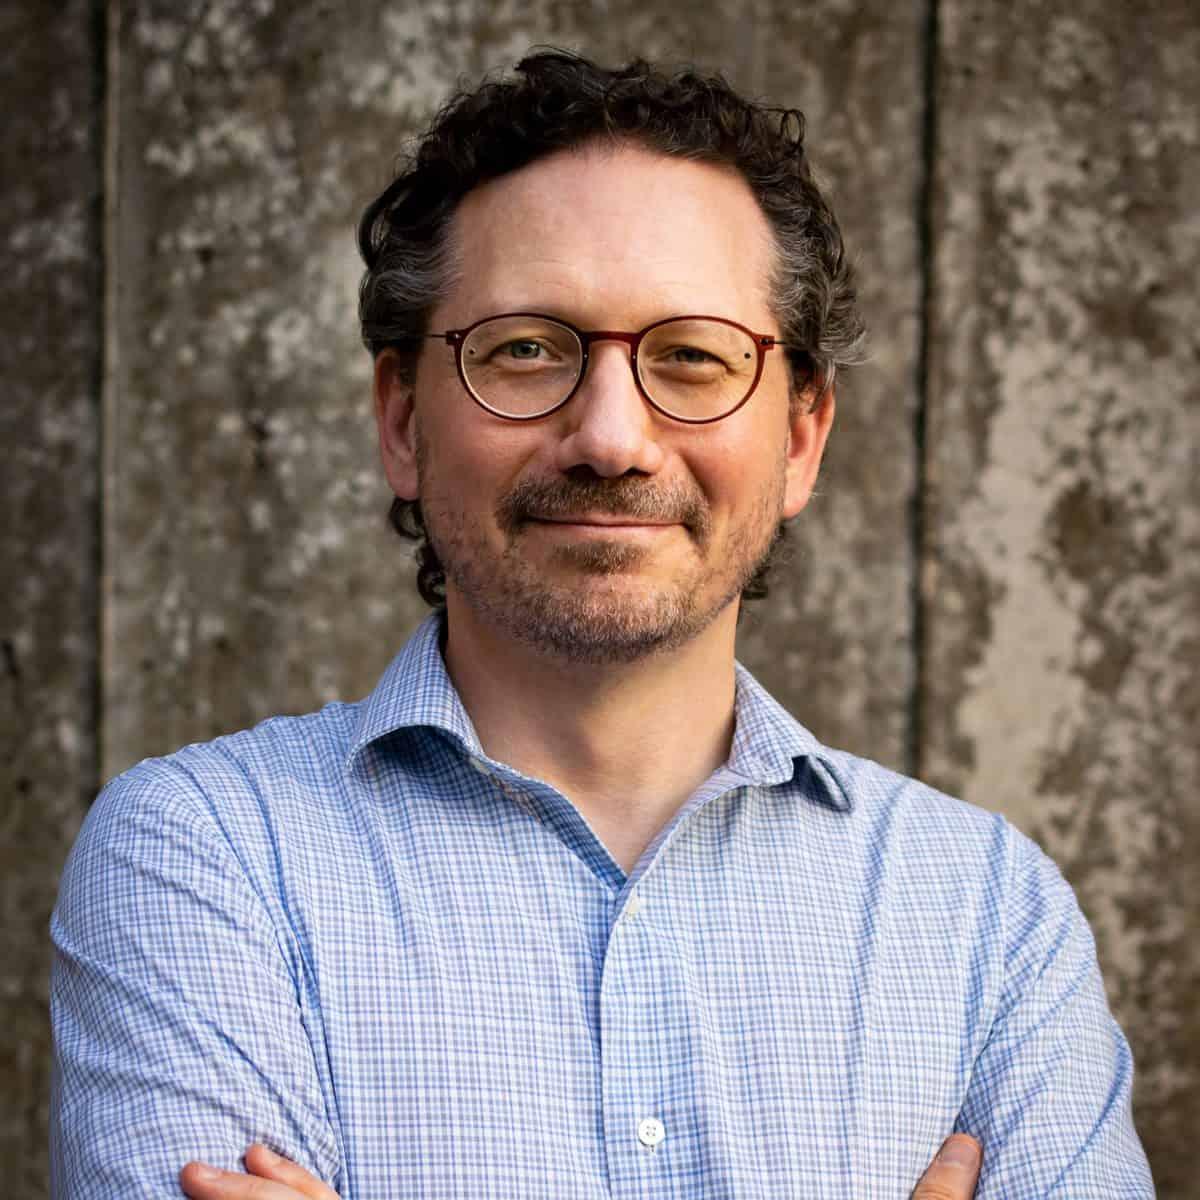 Damien Ihrig